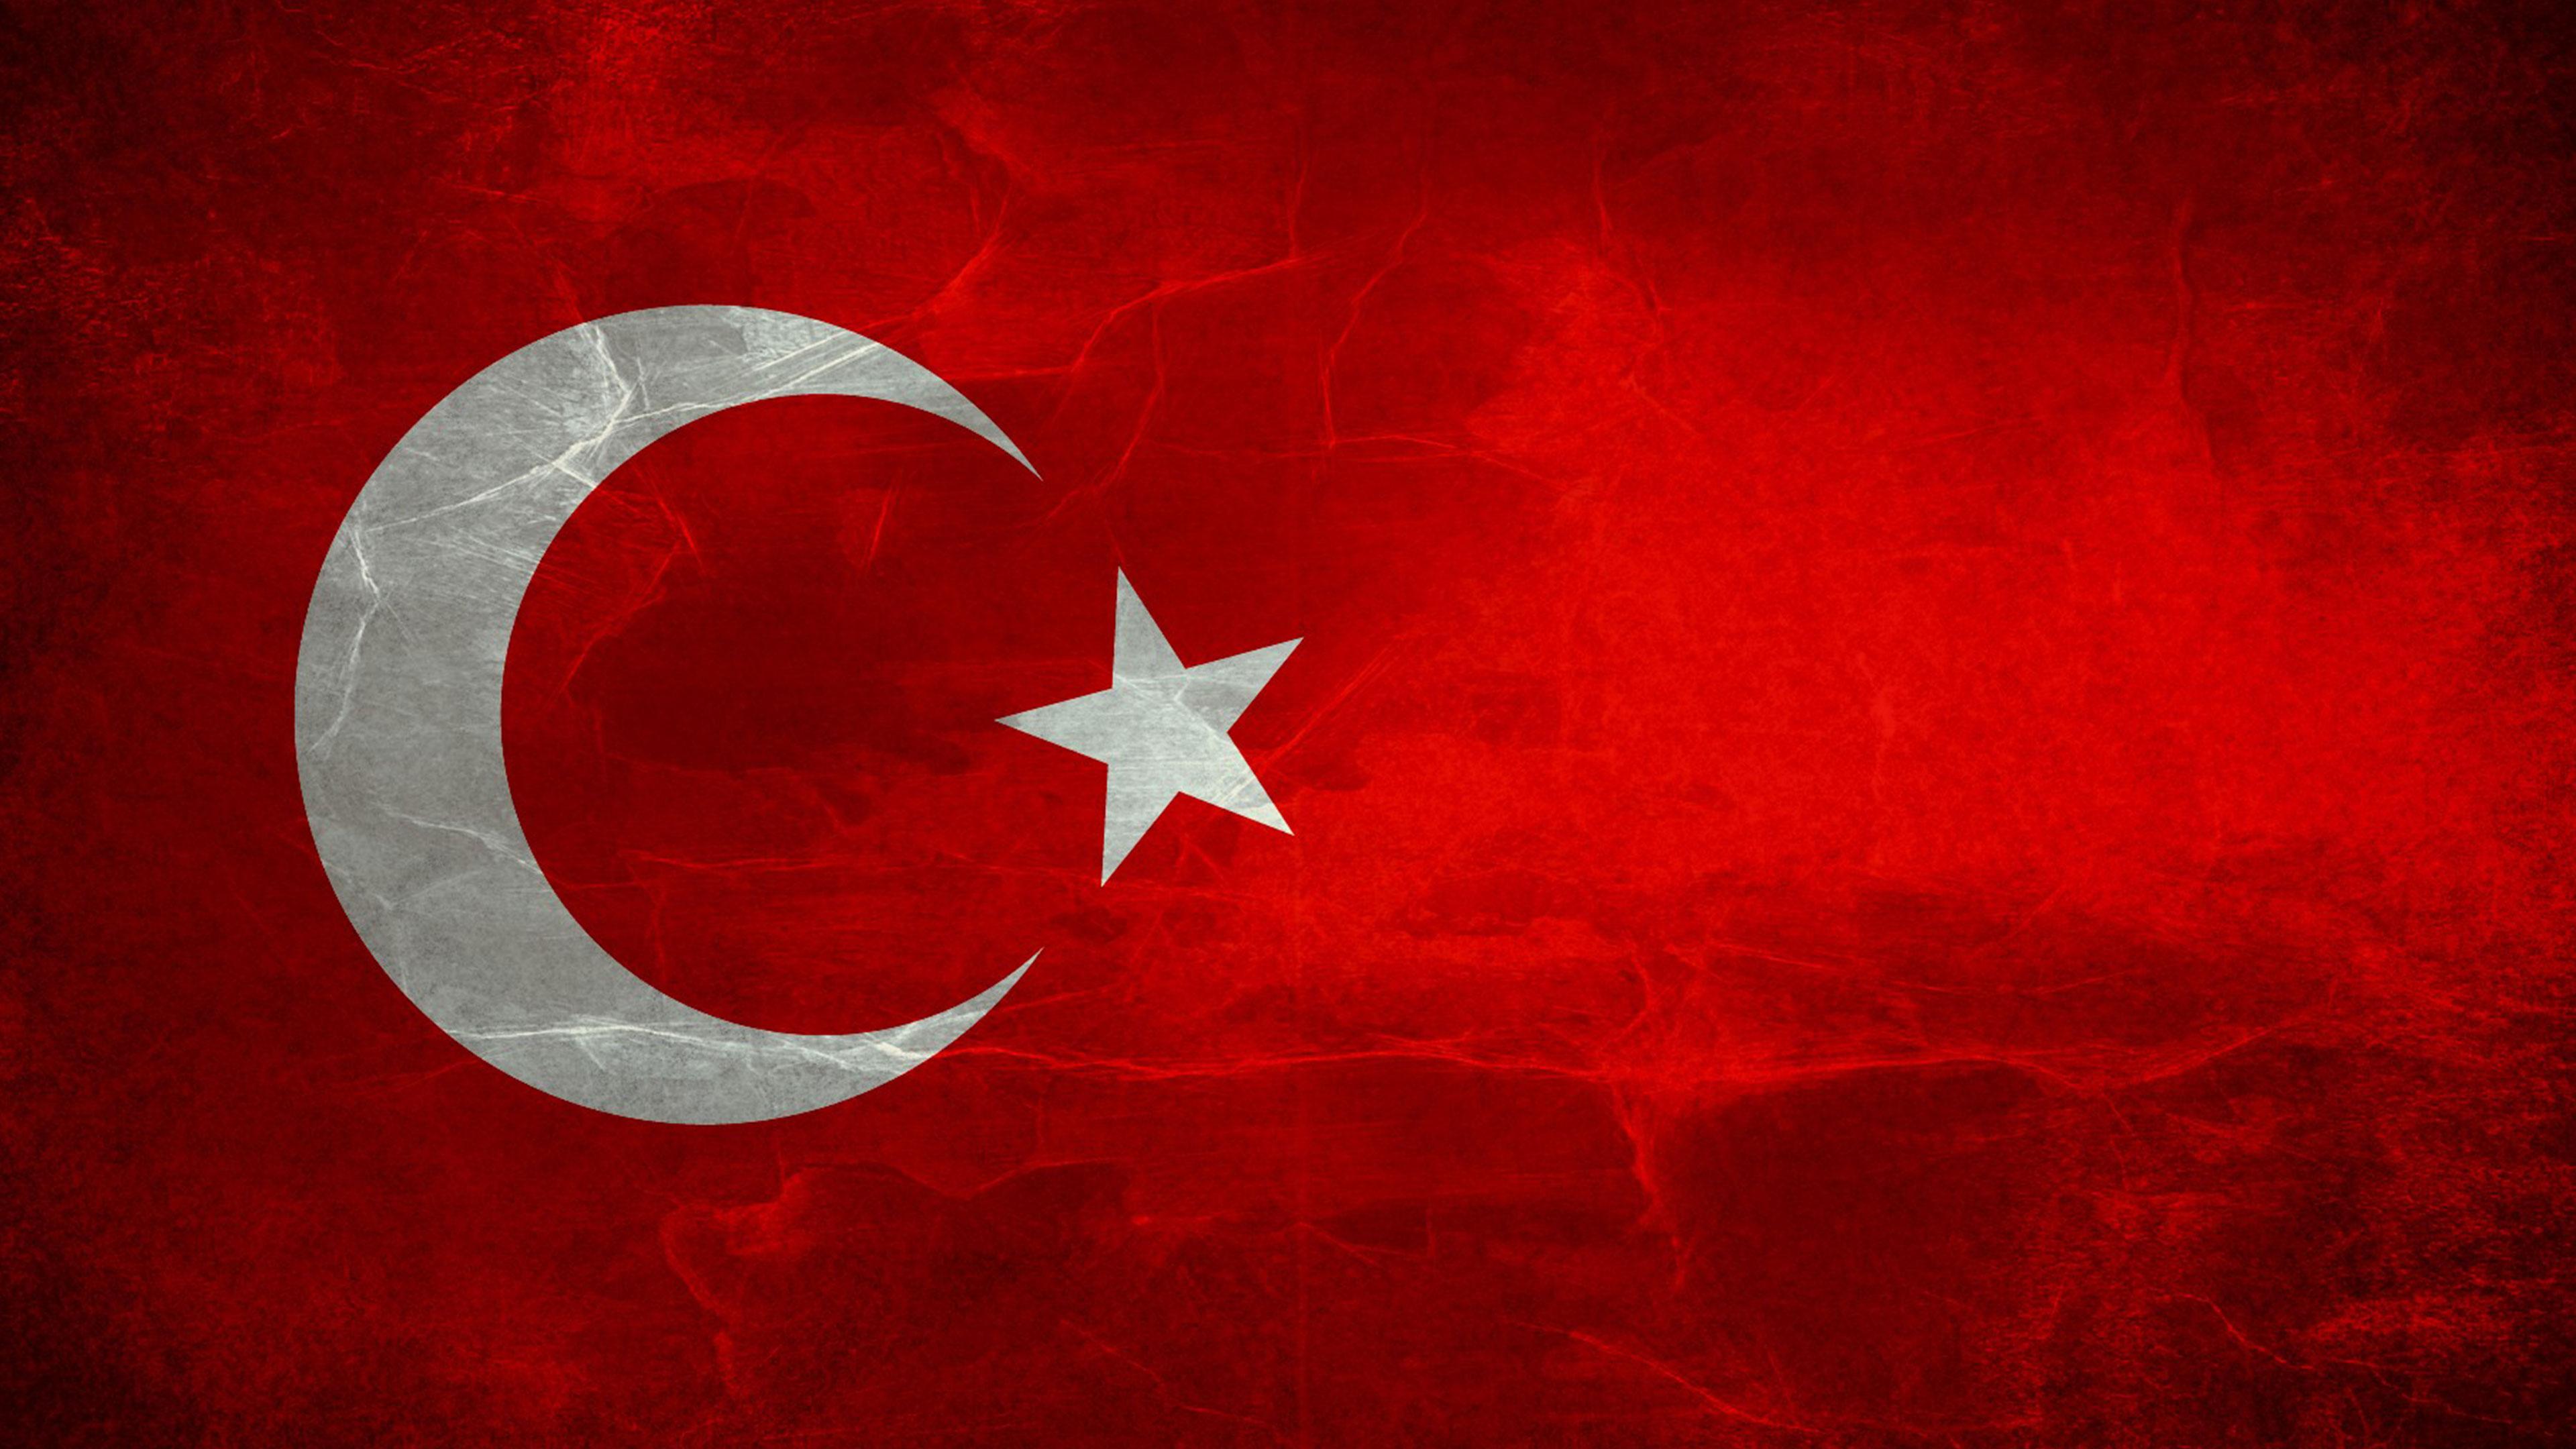 4k Ultrahd Türk Bayrakları Resimleri Türk Bayrakları